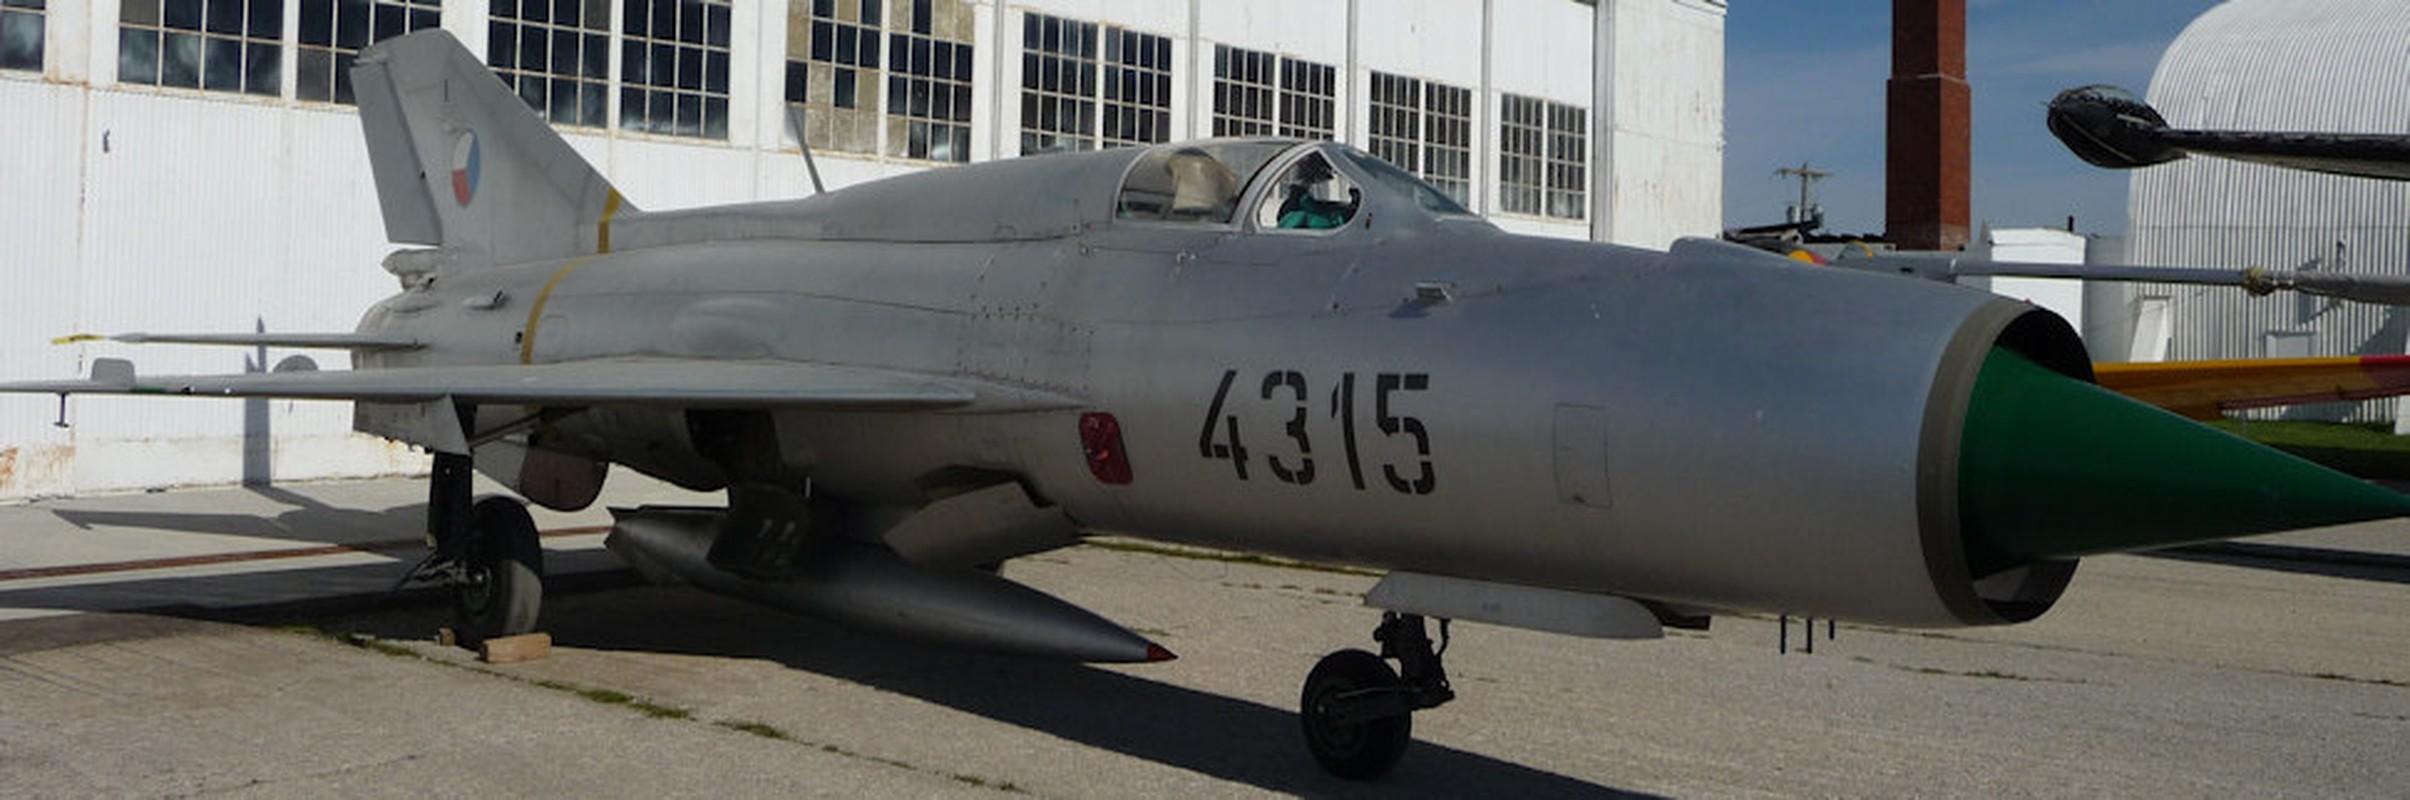 Chi tiet doc la tren nhung chiec MiG-21 dau tien Viet Nam tiep nhan-Hinh-7